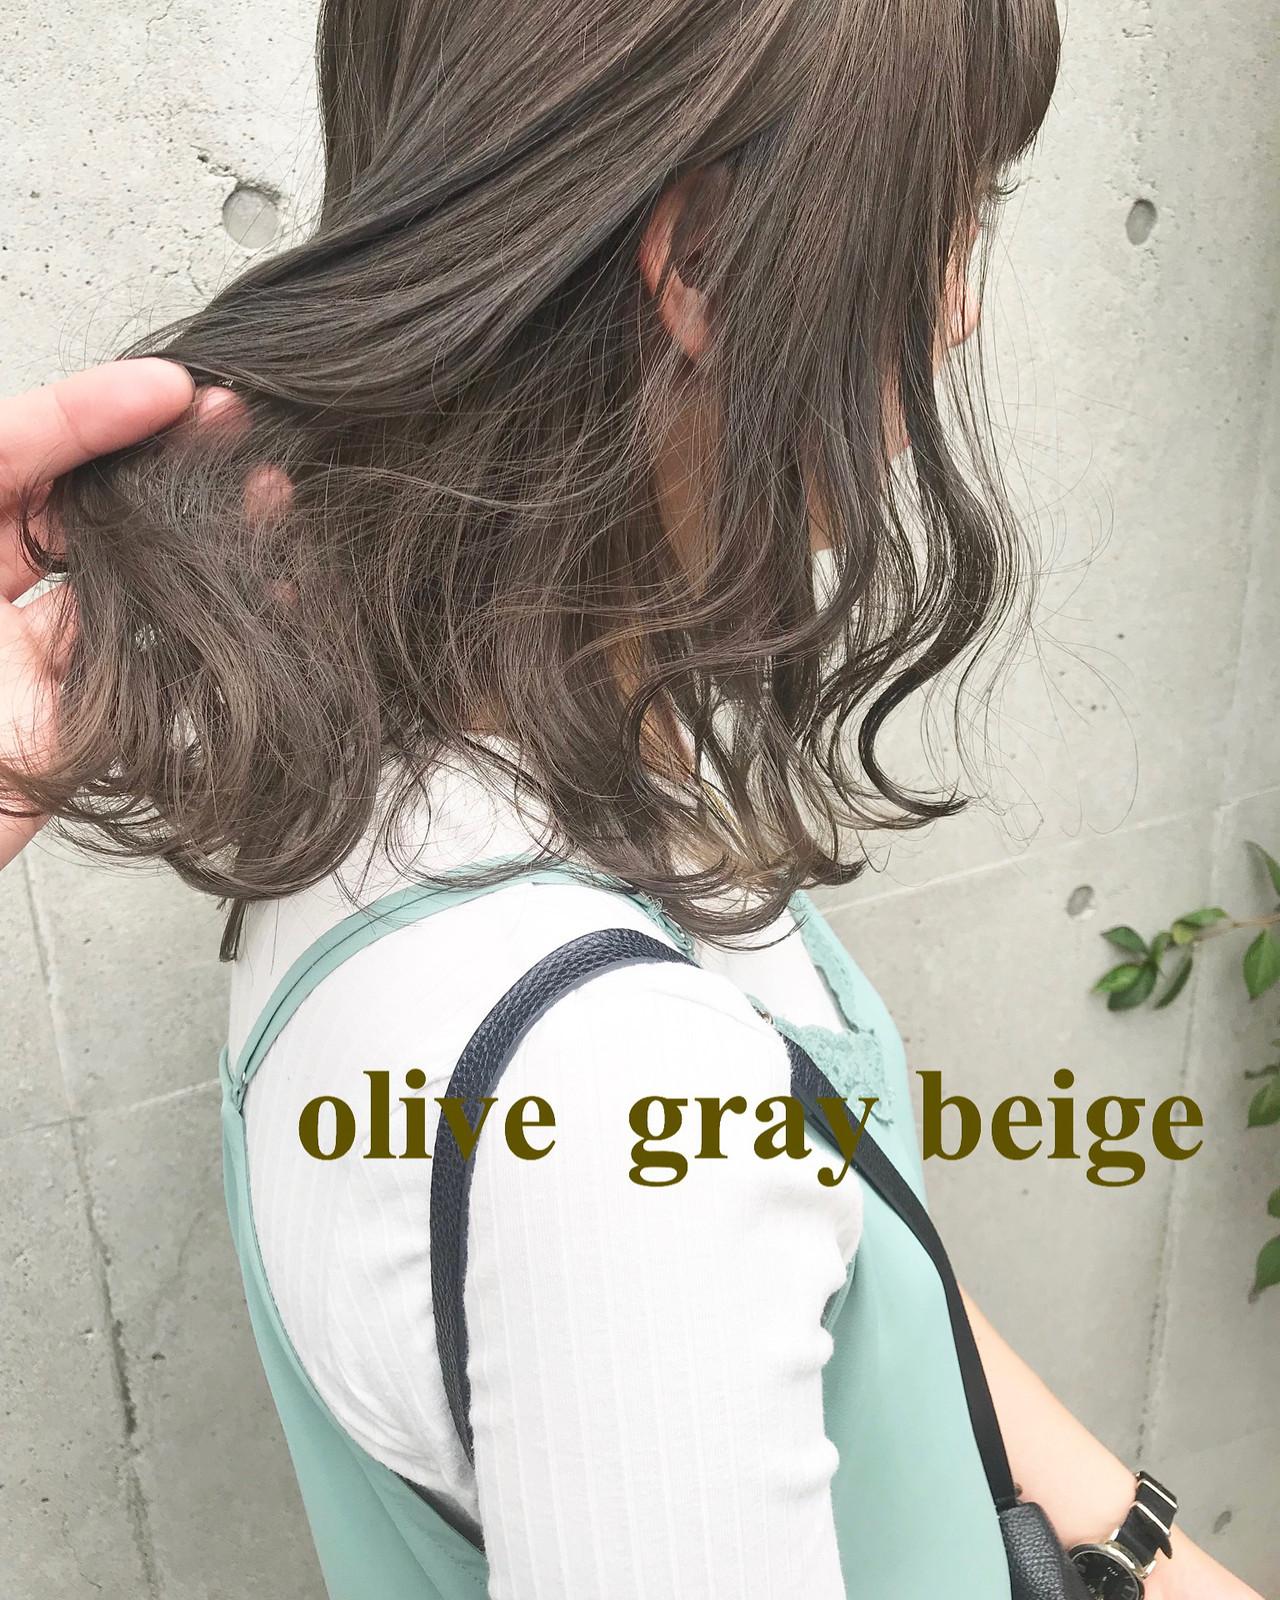 セミロング オリーブカラー ブルーラベンダー オリーブ ヘアスタイルや髪型の写真・画像